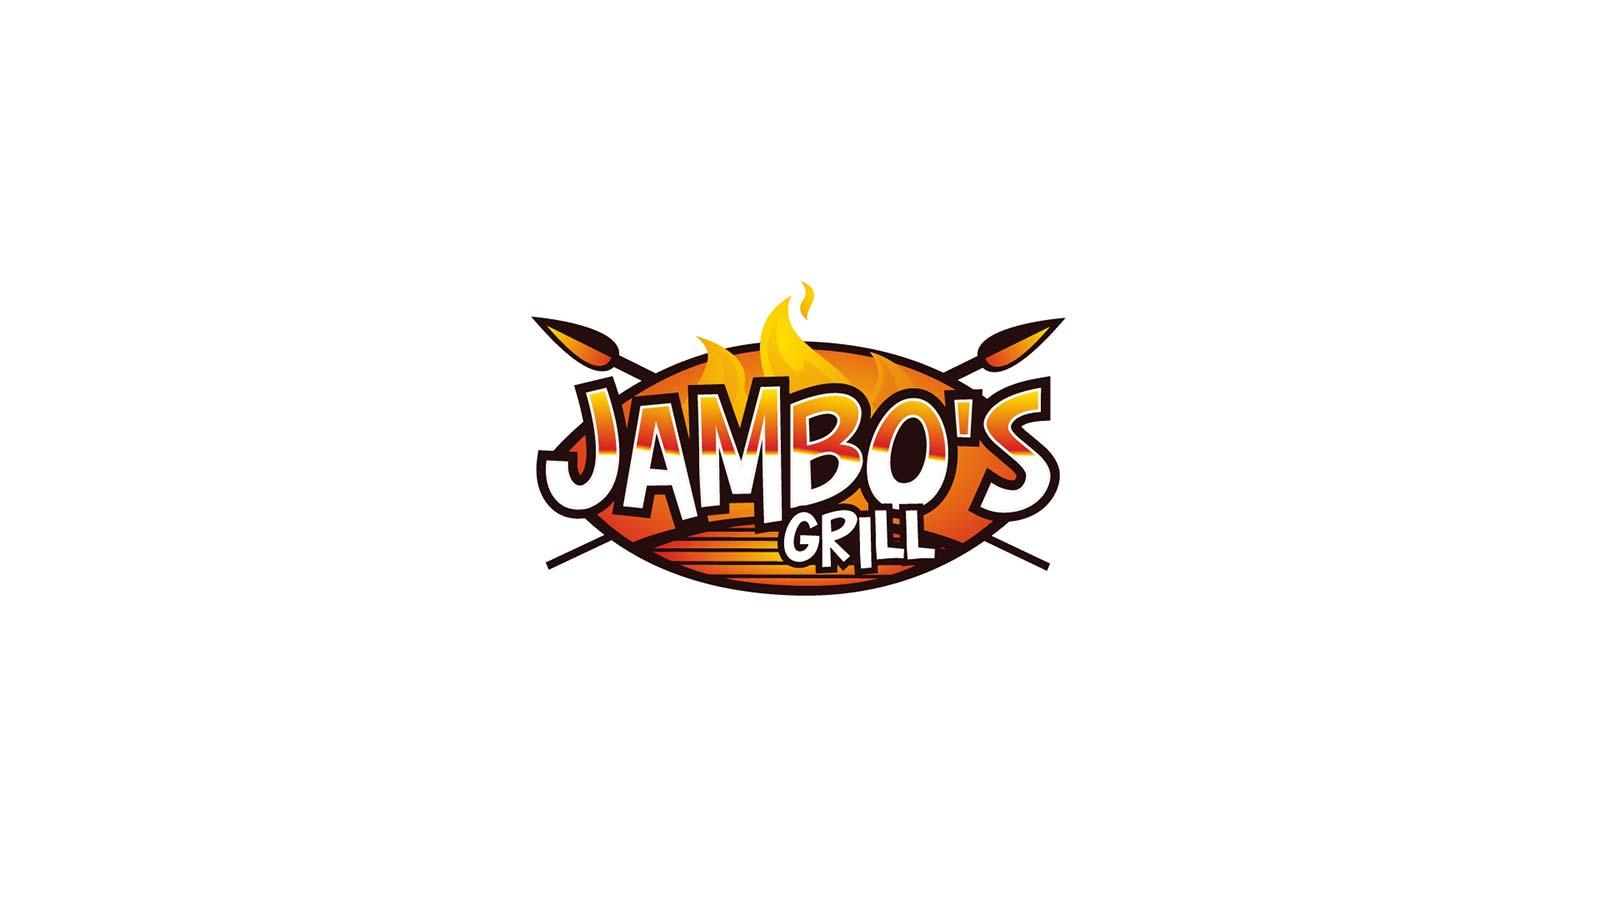 African Themed Restaurant Logo Design And Branding